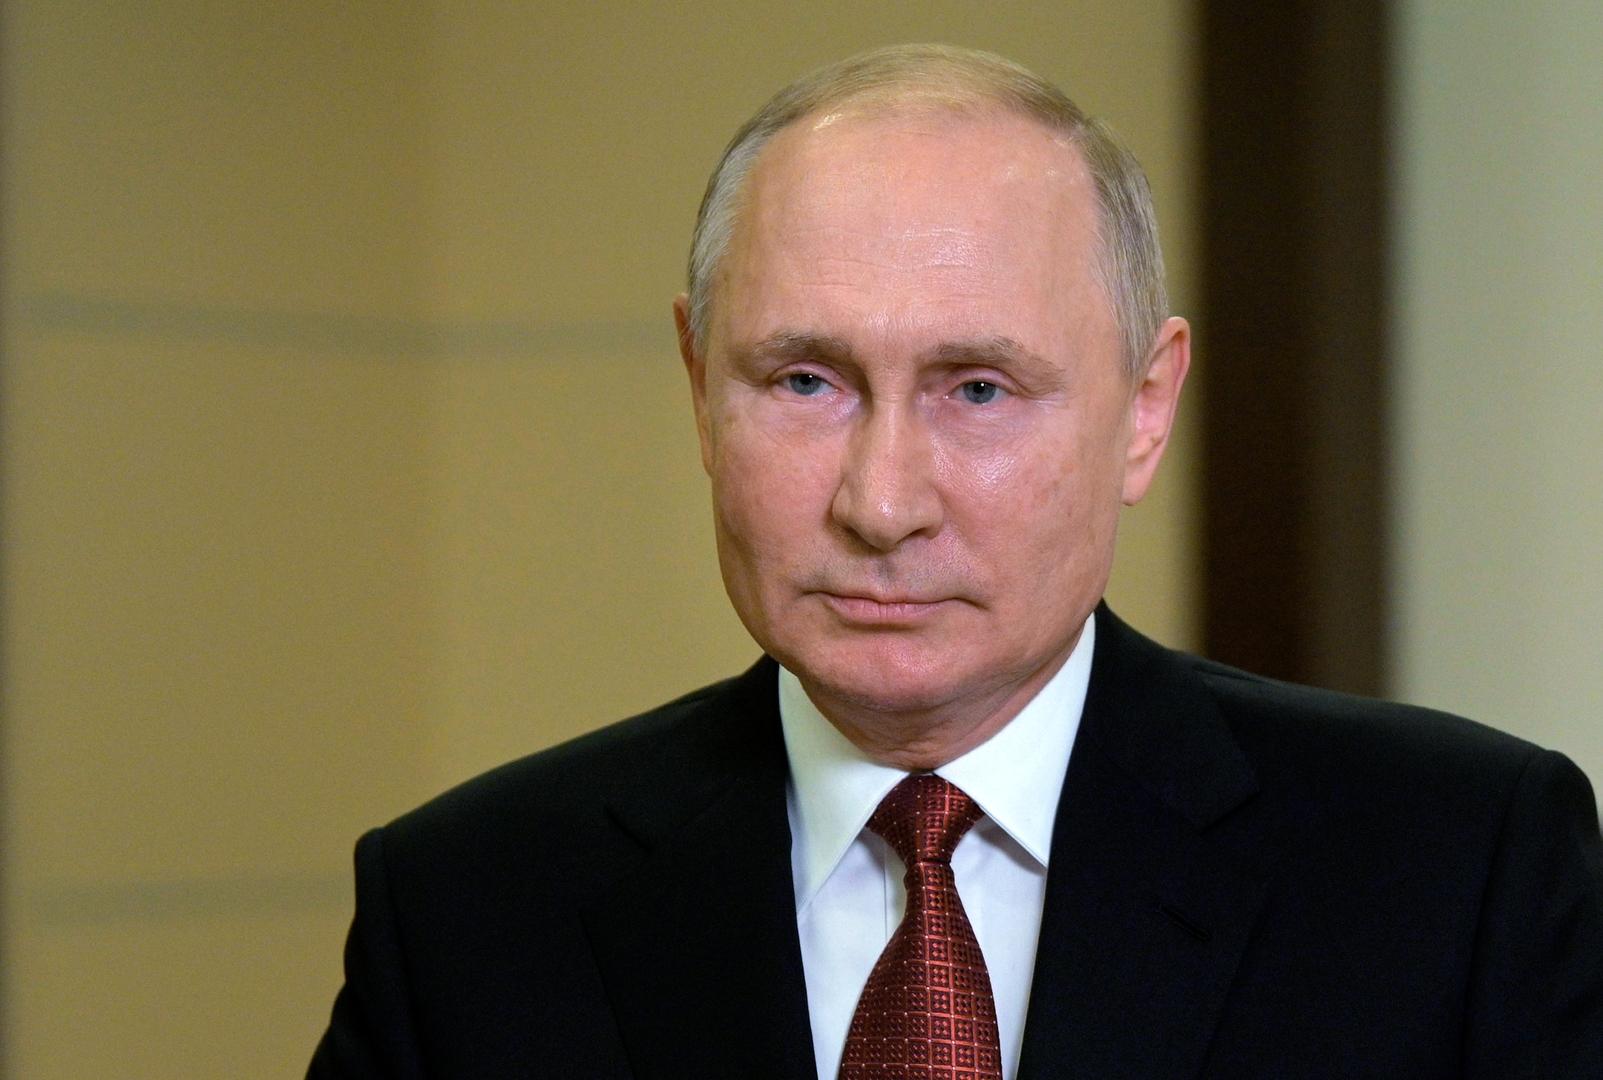 بوتين: انتخابات مجلس الدوما أهم حدث في حياة مجتمعنا